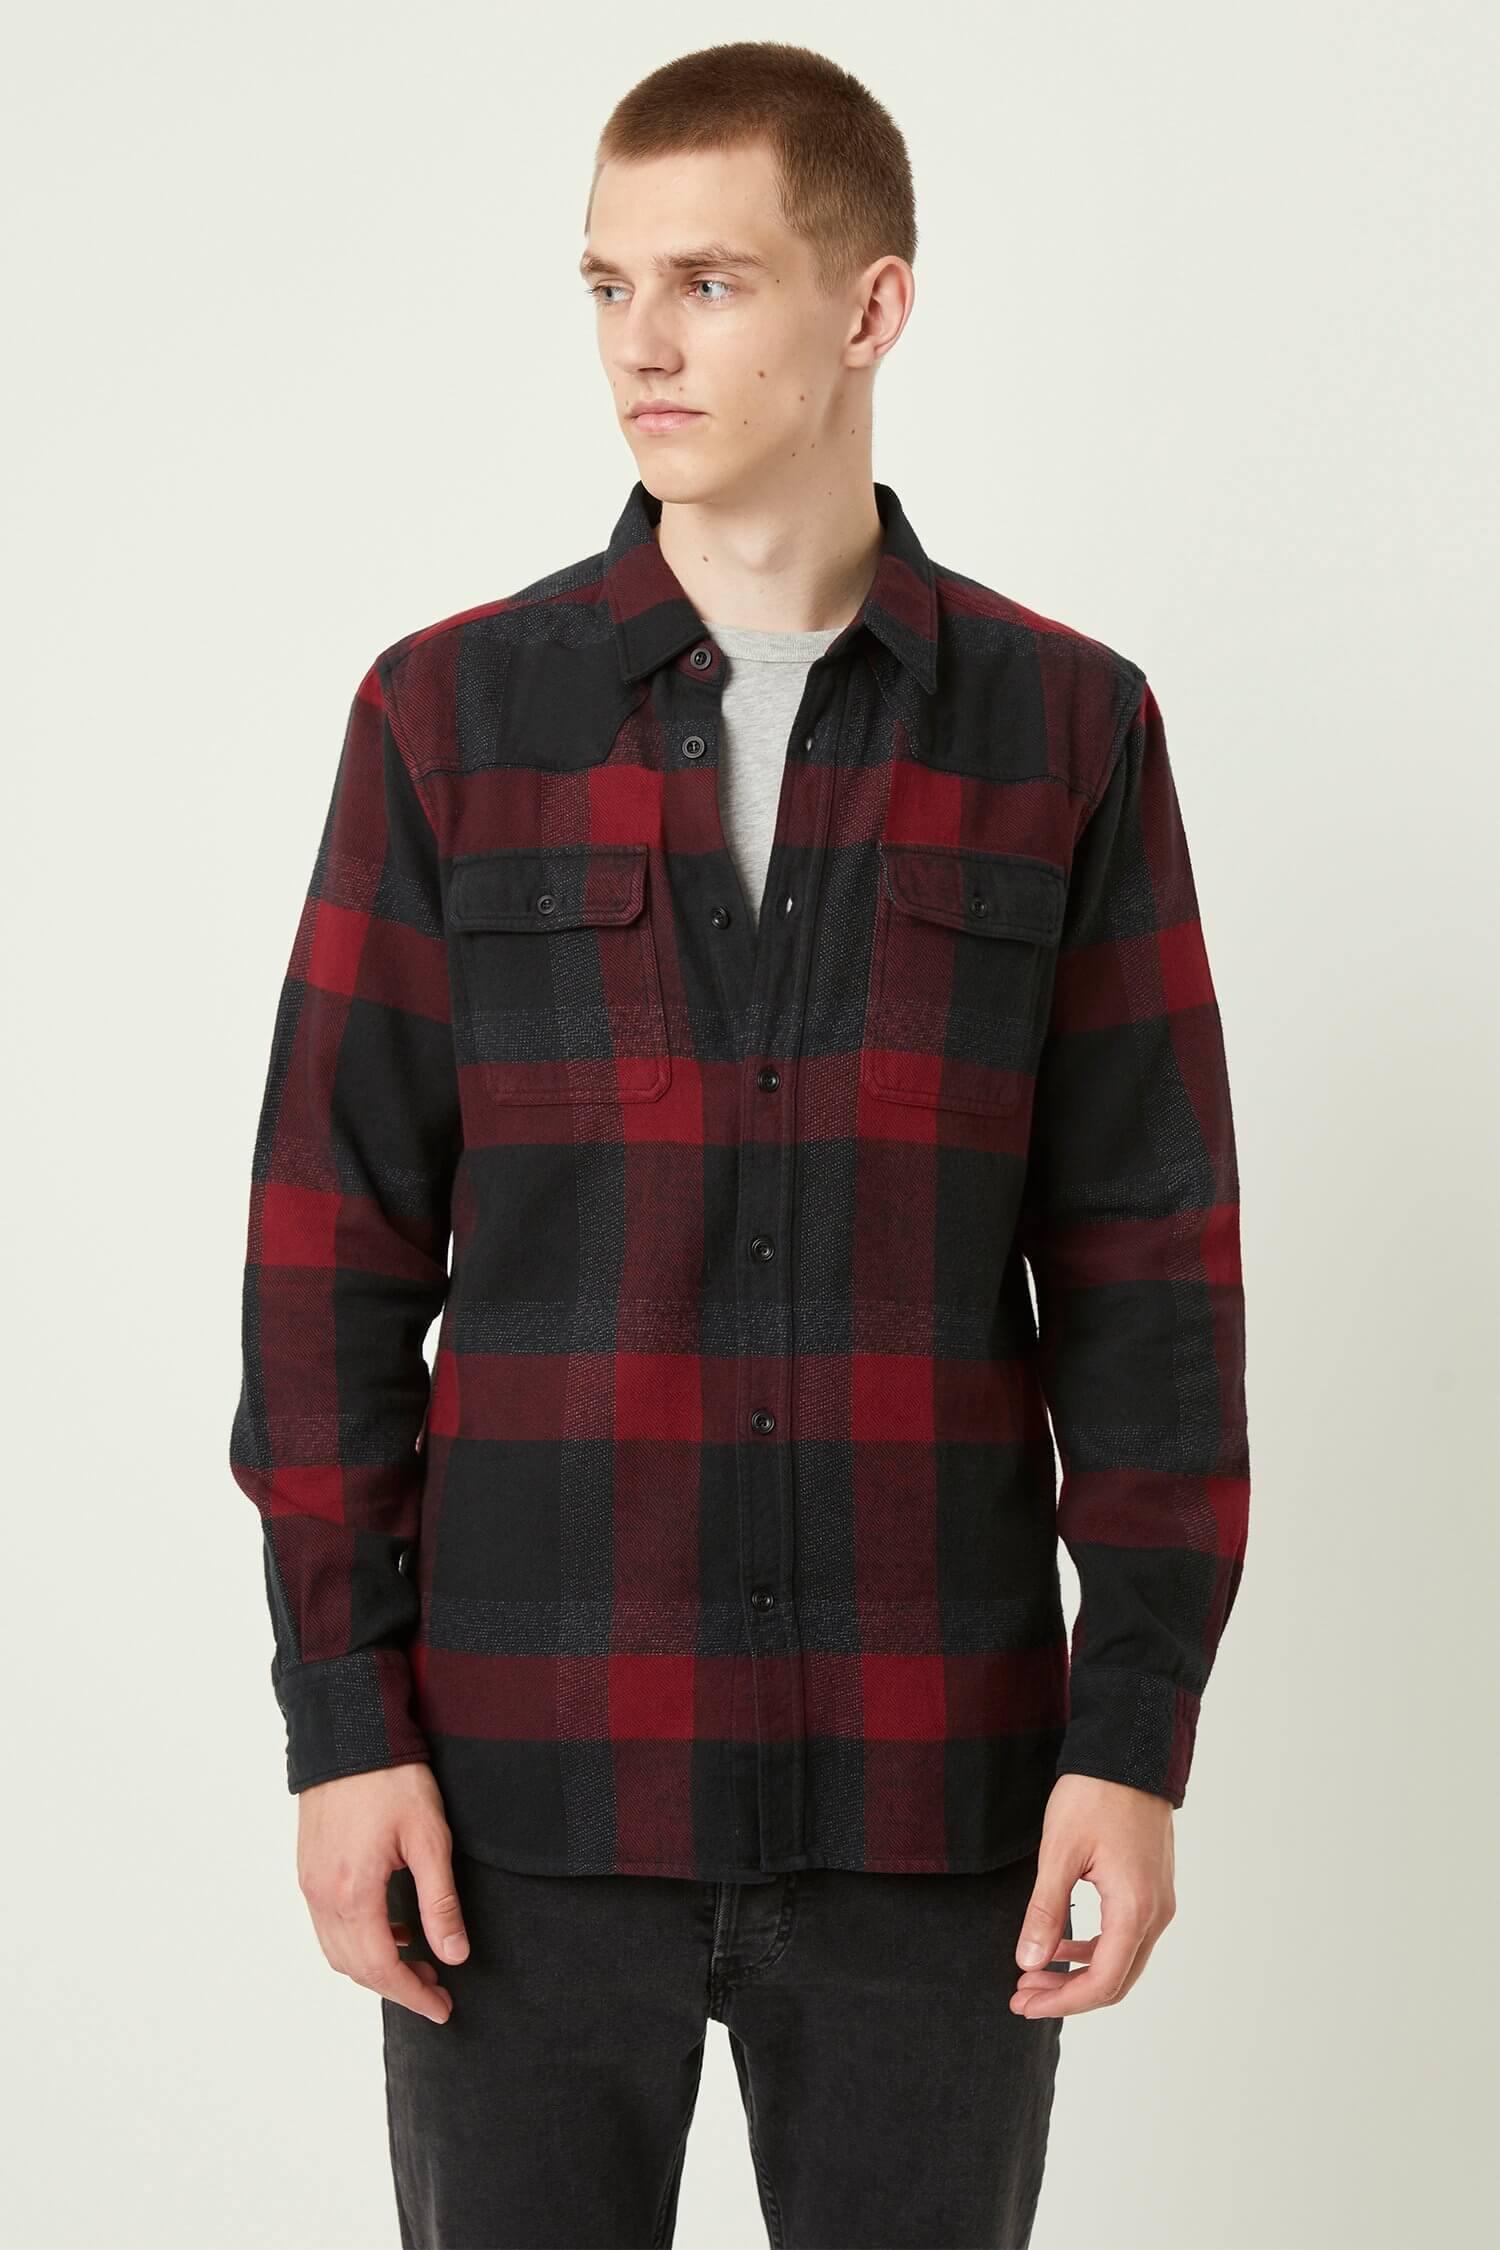 Trung bình một sản phẩm áo flannel hàng thùng nếu lấy nguyên kiện thì giá sỉ sẽ ở mức 2x